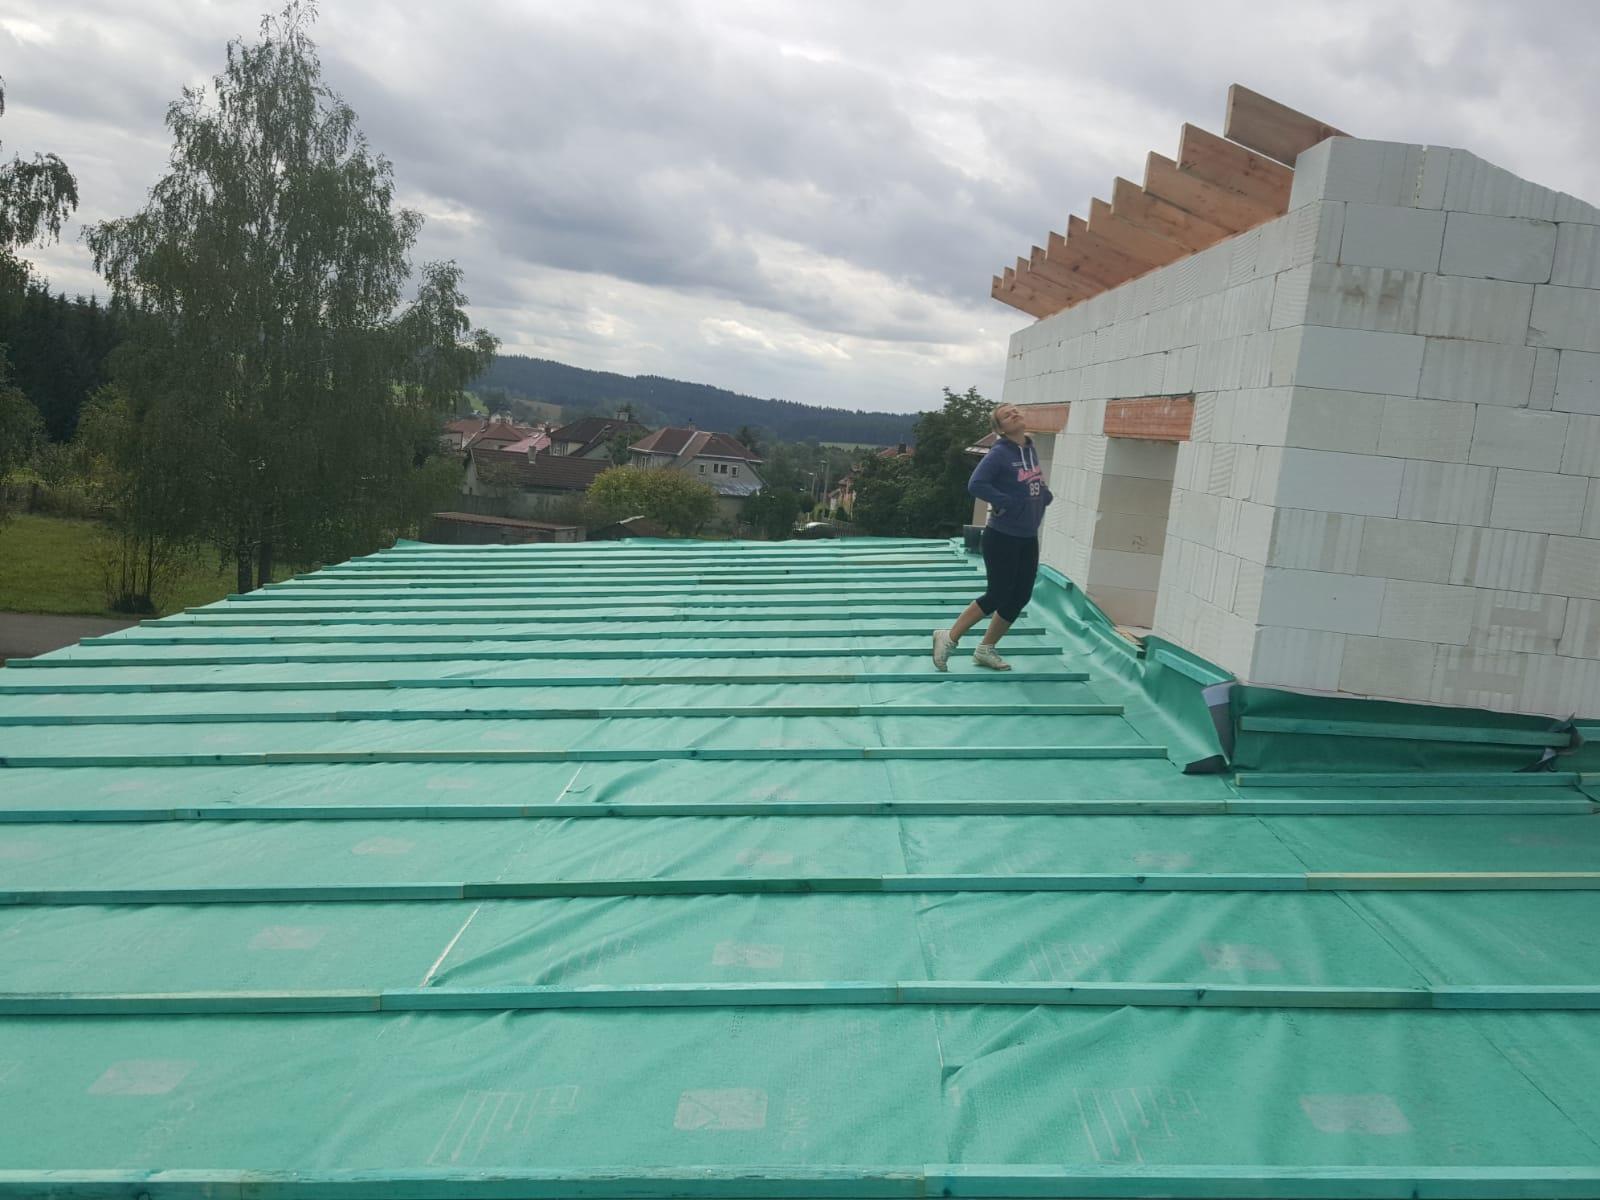 """Naše """"HNÍZDO"""" - Tak už máme konečně krovy a dokonce první část střechy jsme zafóliovali. Teď už jen dodělat zbytek a můžeme jít na tašky. 😍"""